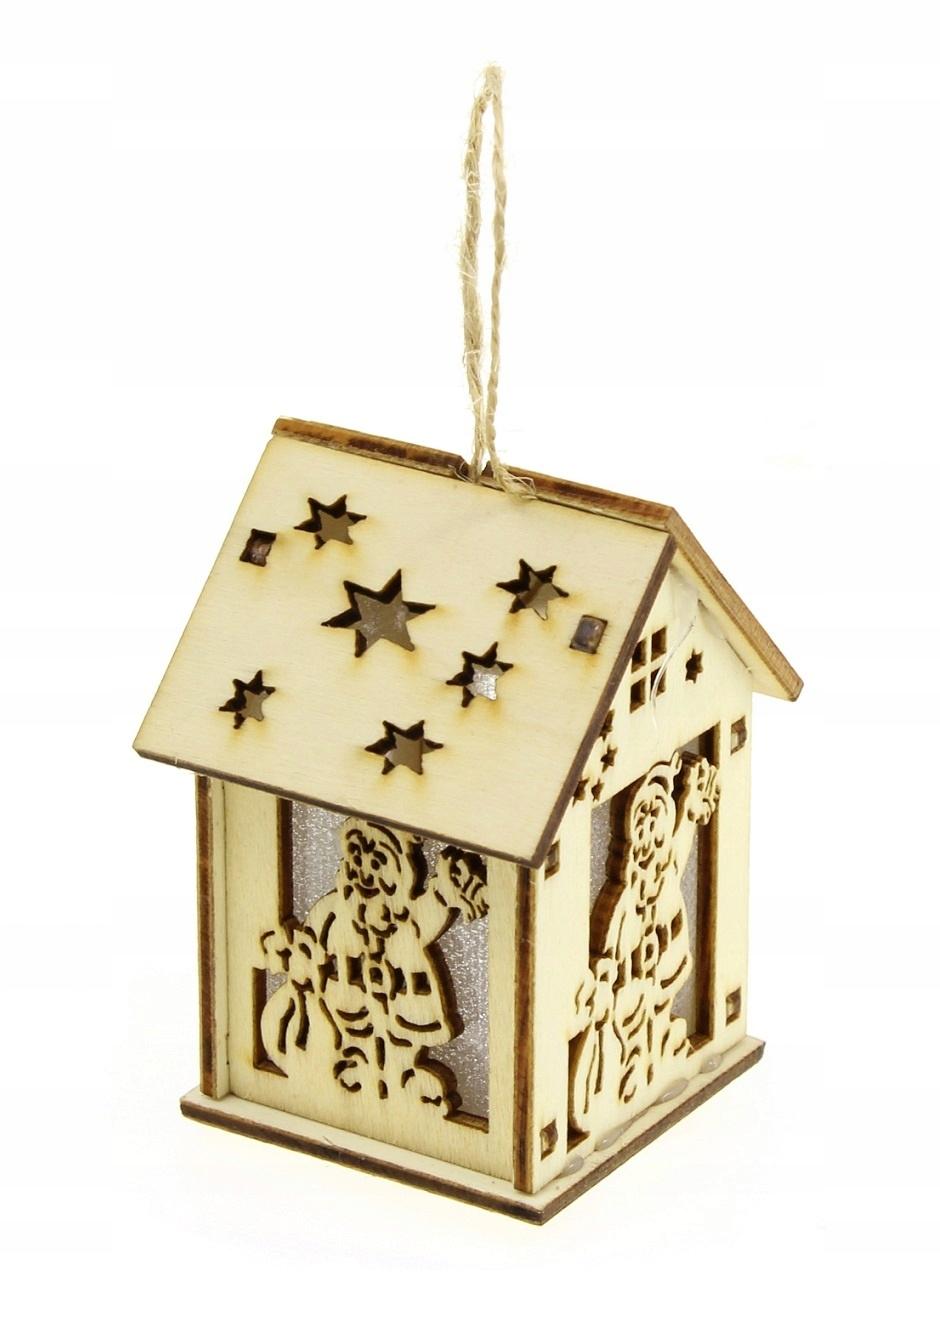 Lampion drewniany LED chatka Mikołaj ozdoba Roraty